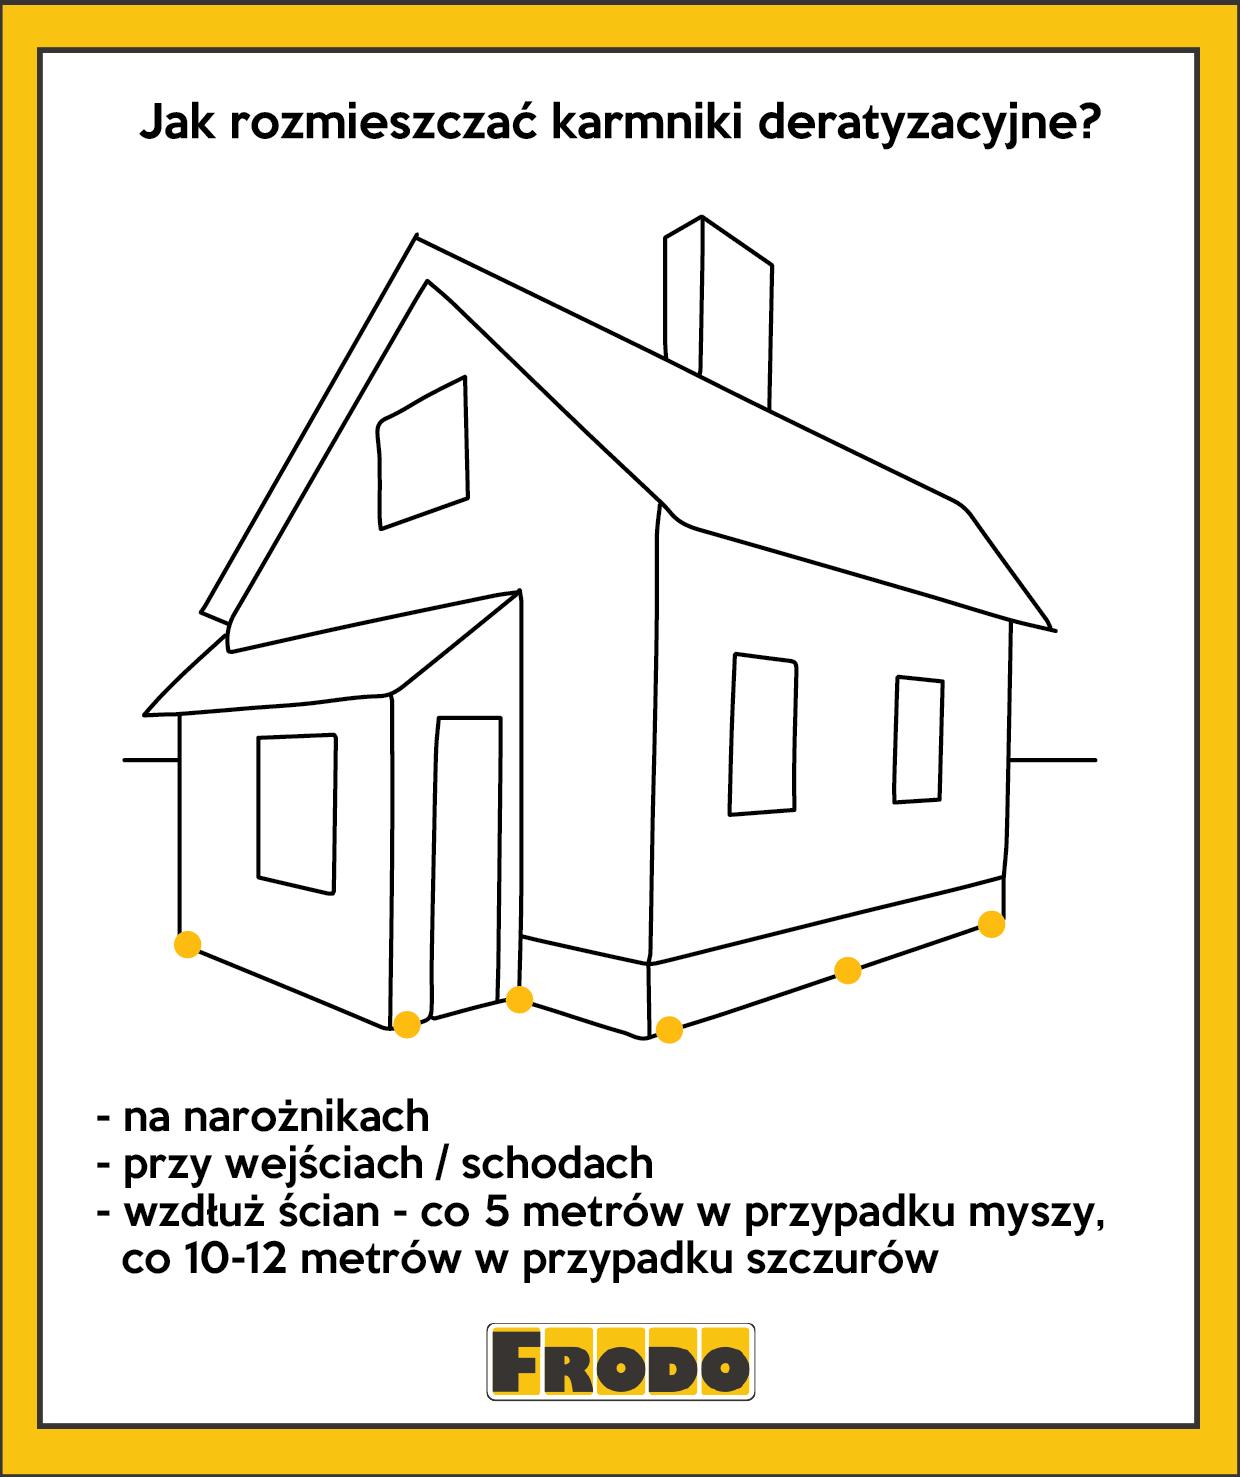 rozmieszczenie karmnikow-01.png